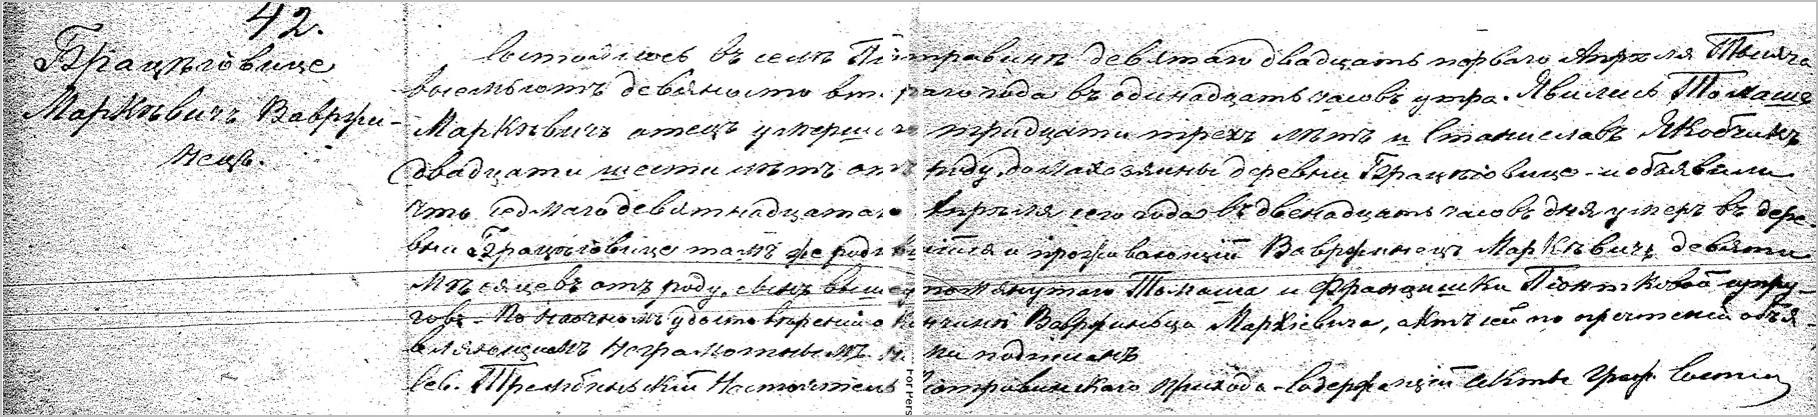 Death Record for Wawrzyniec Markiewicz - 1892